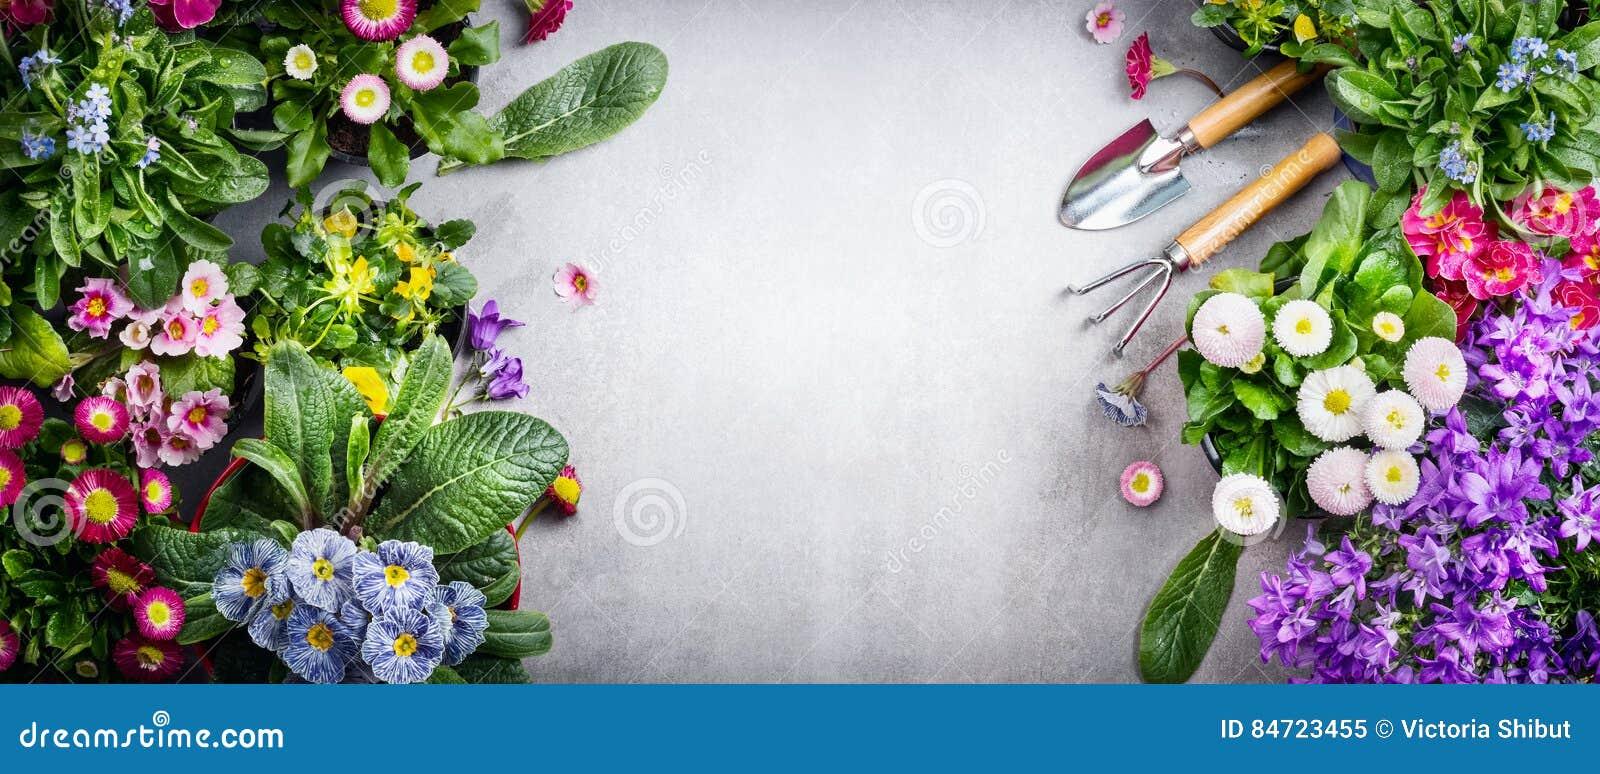 Fondo que cultiva un huerto floral con la variedad de flores coloridas del jardín y de herramientas que cultivan un huerto en el